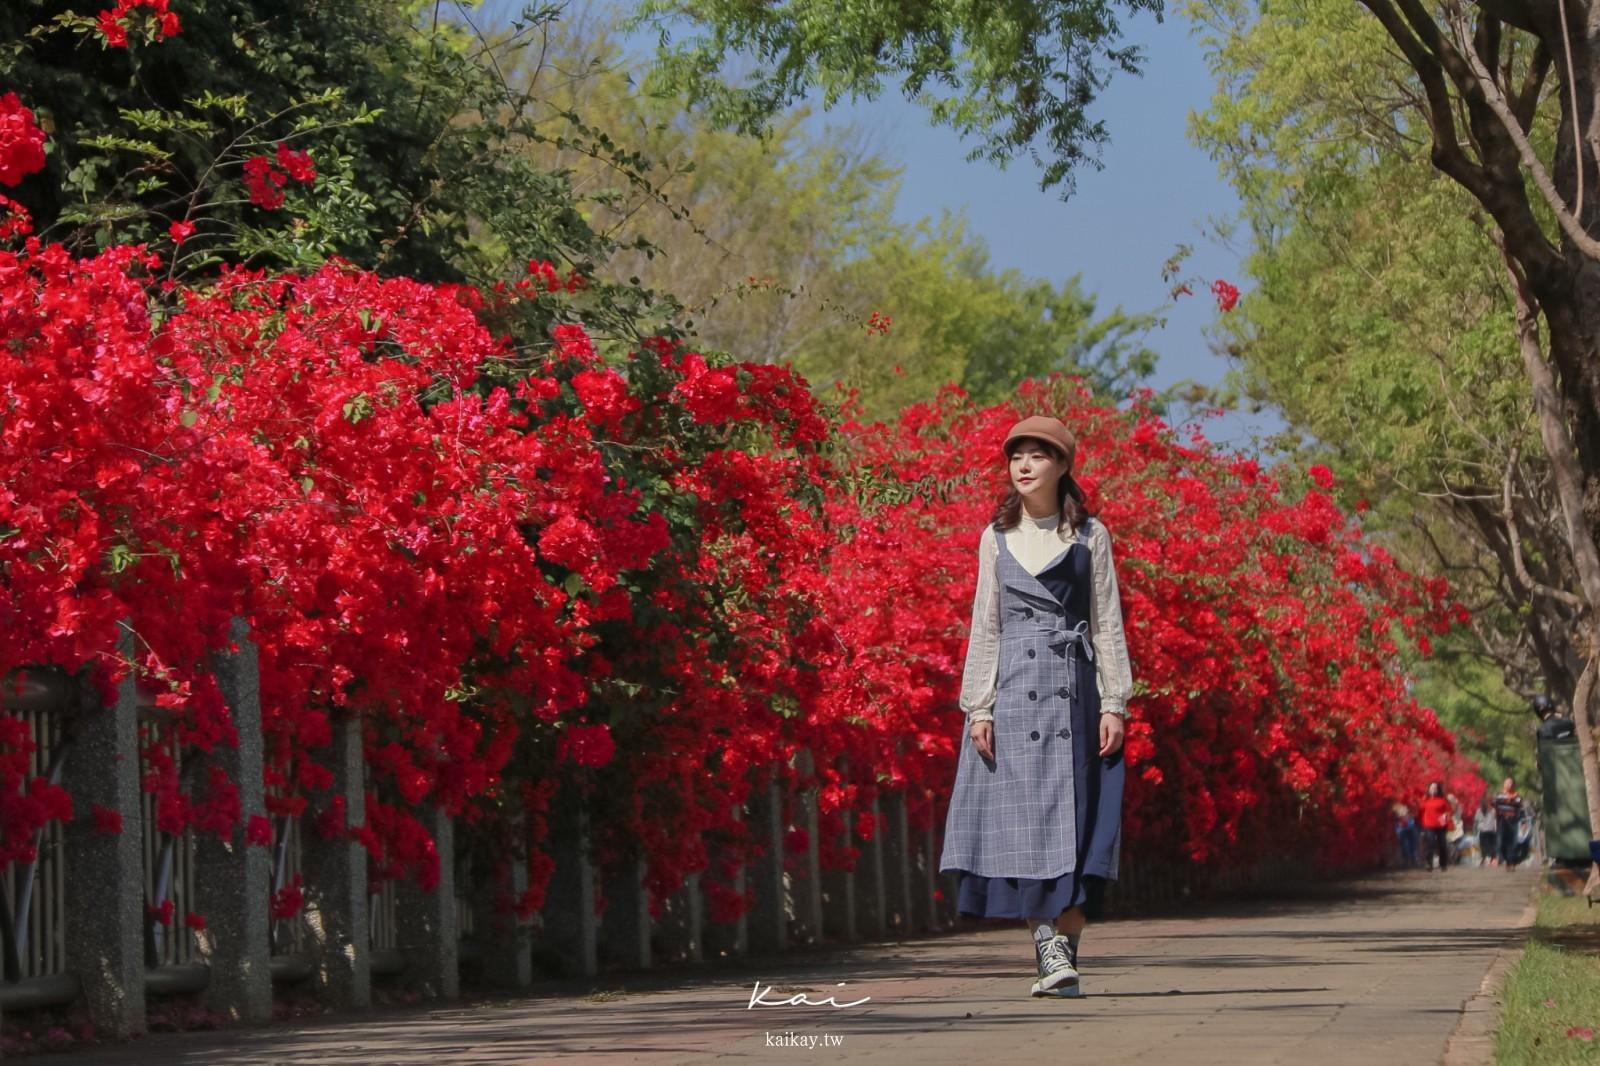 ☆【台中景點】東大公園九重葛花海再美一波。IG美照必拍角度全攻略